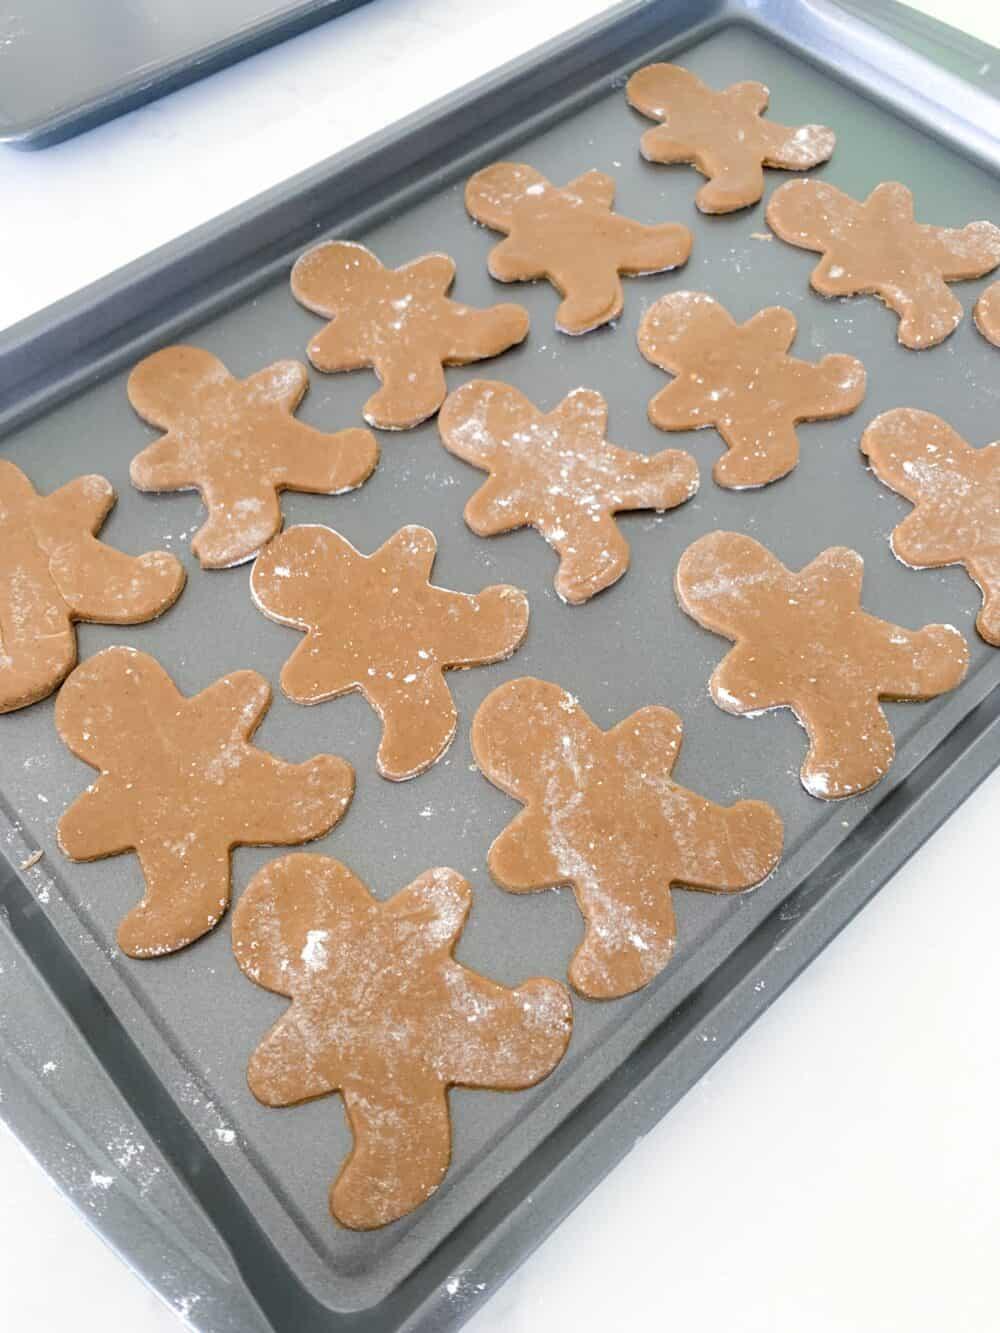 gingerbread man cookies on baking sheet